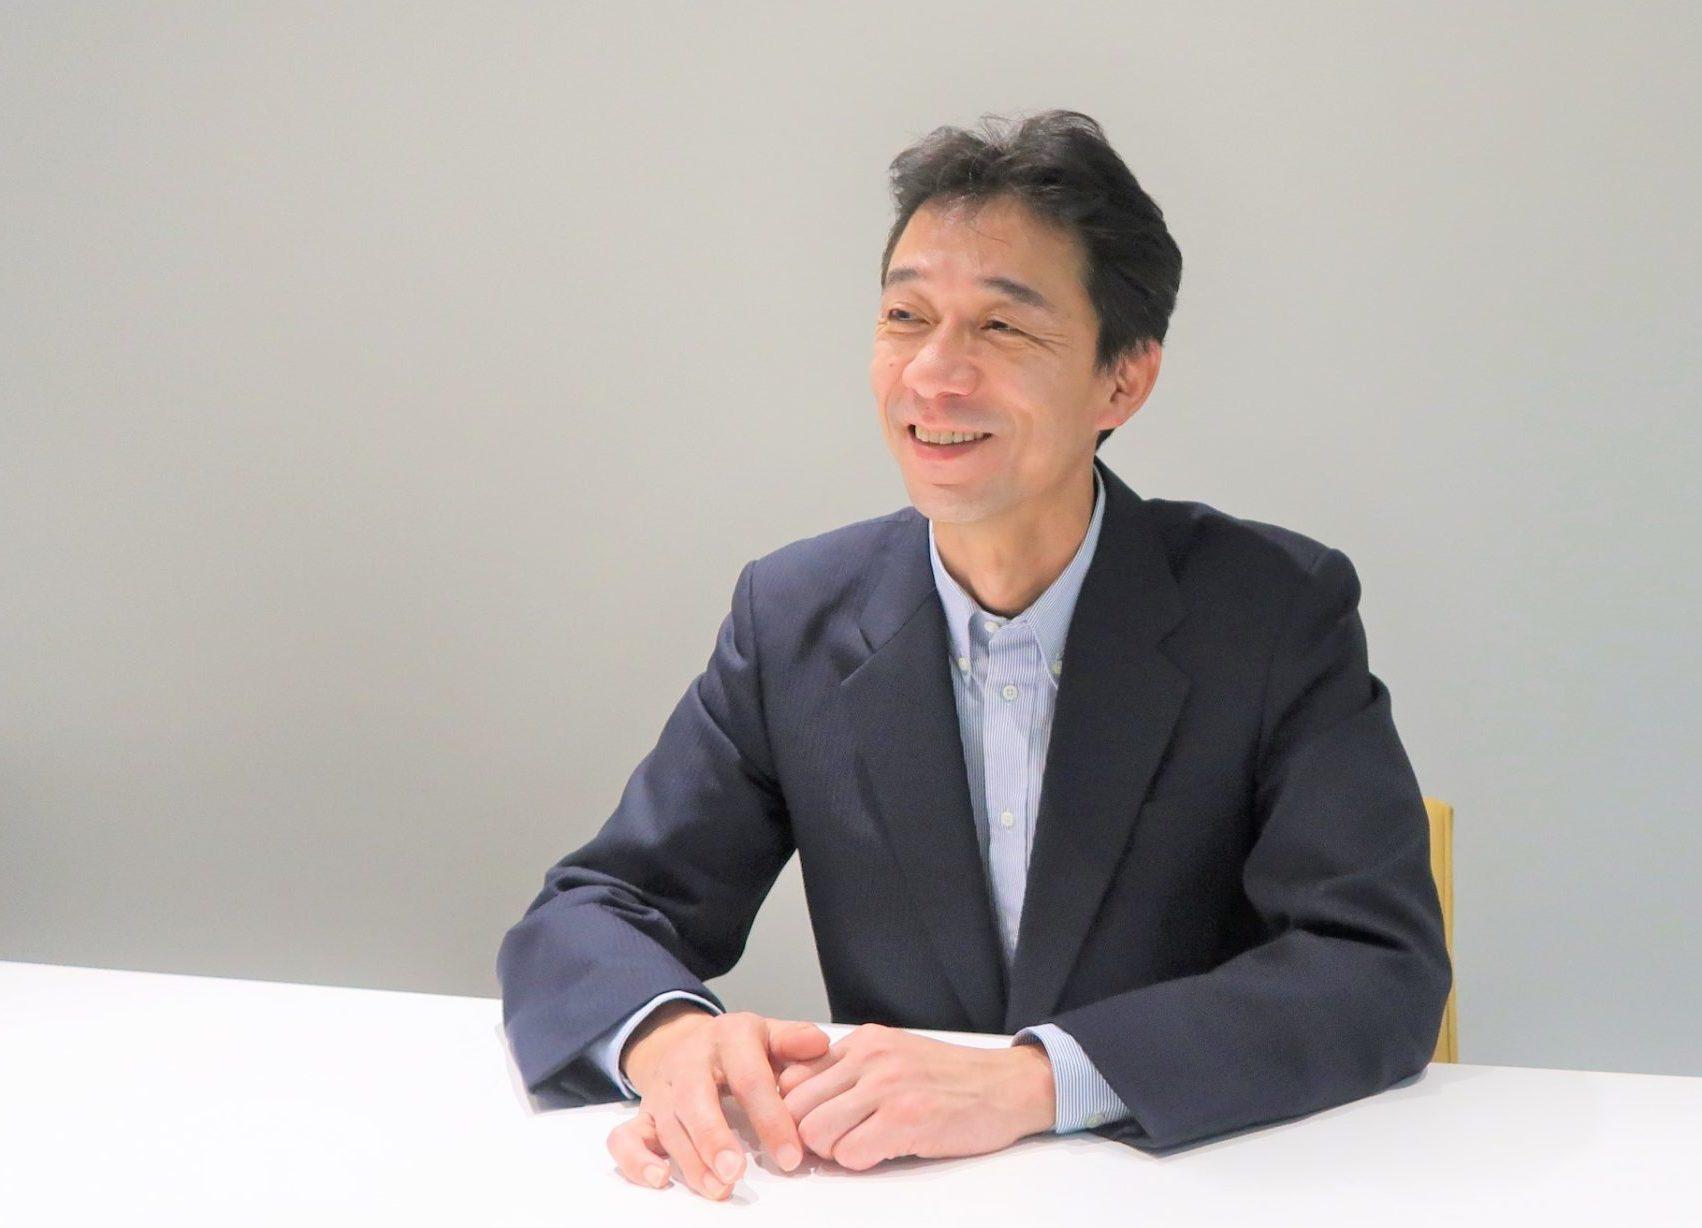 グローシップ・パートナーズ株式会社 代表取締役 松井晴彦